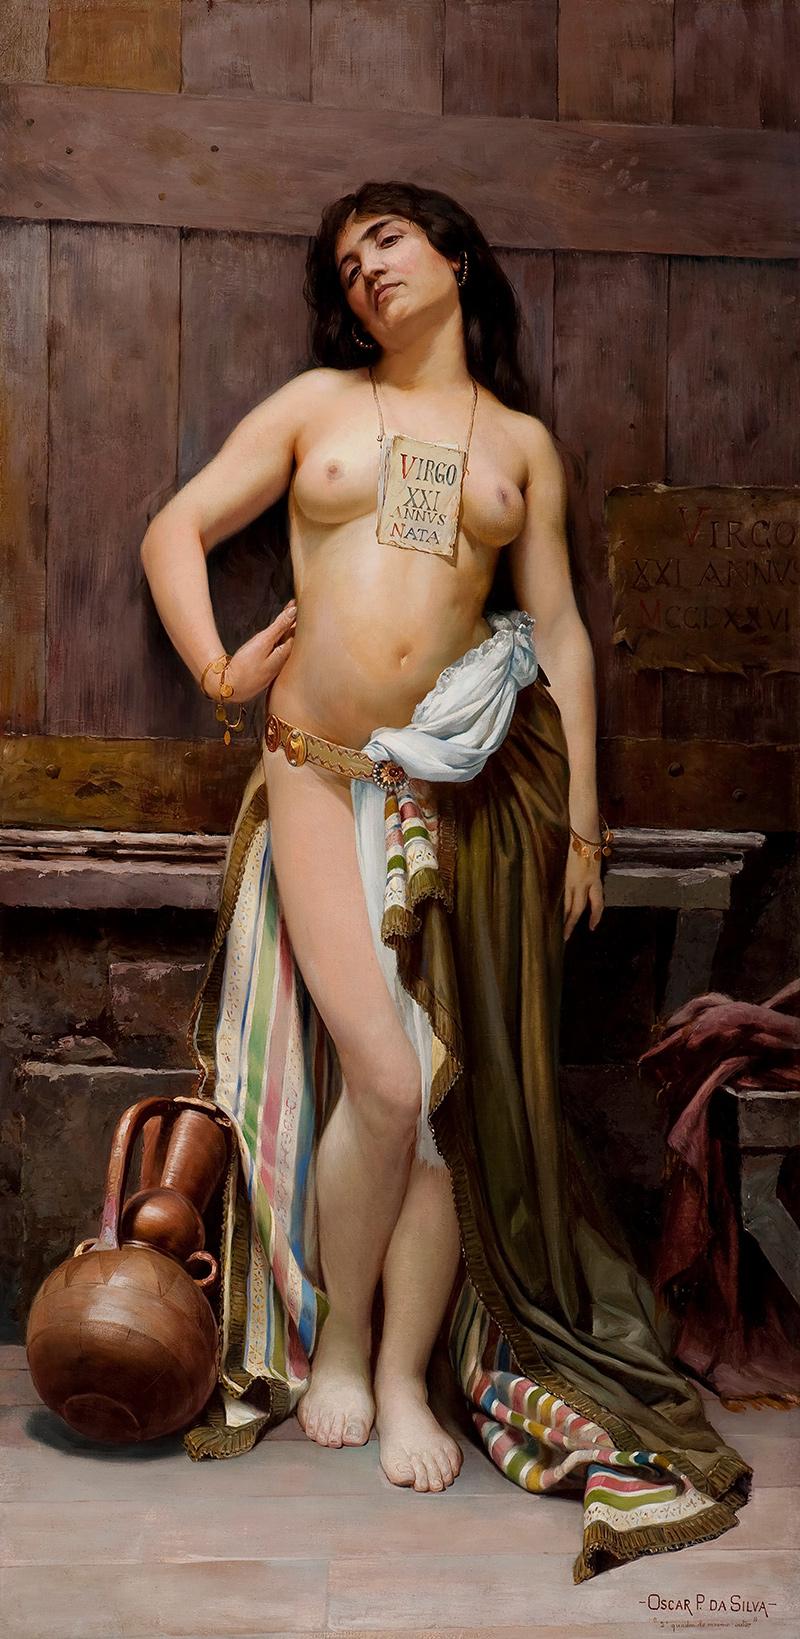 römische orgie sklavin abrichten